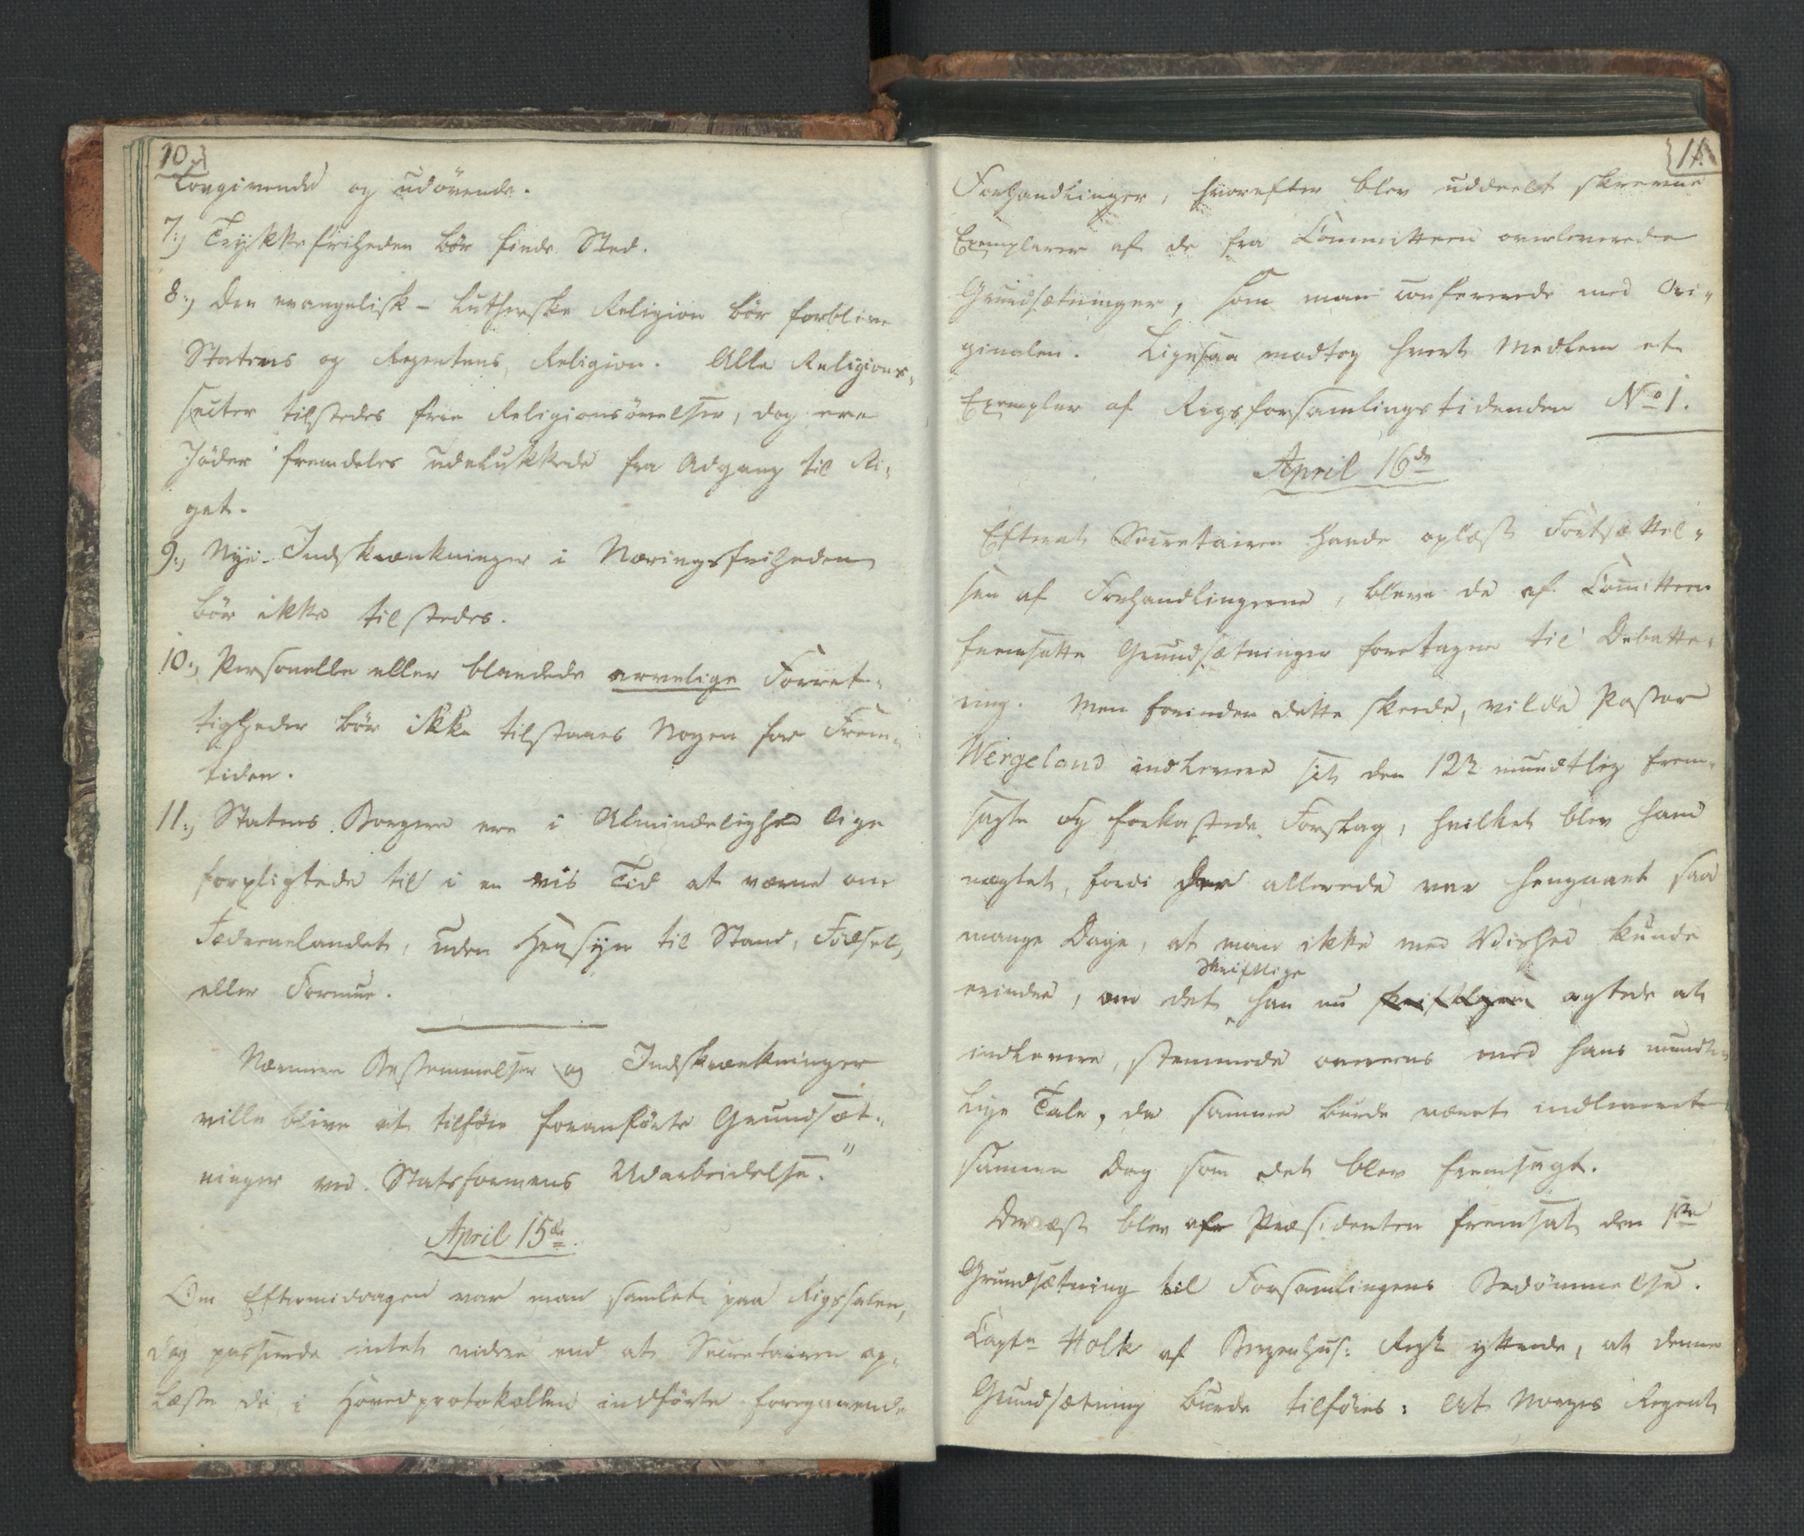 RA, Manuskriptsamlingen, H/L0021: Byfogd Gregers Winther Wulfbergs dagbok under Riksforsamlingen på Eidsvoll, 1814, s. 10-11